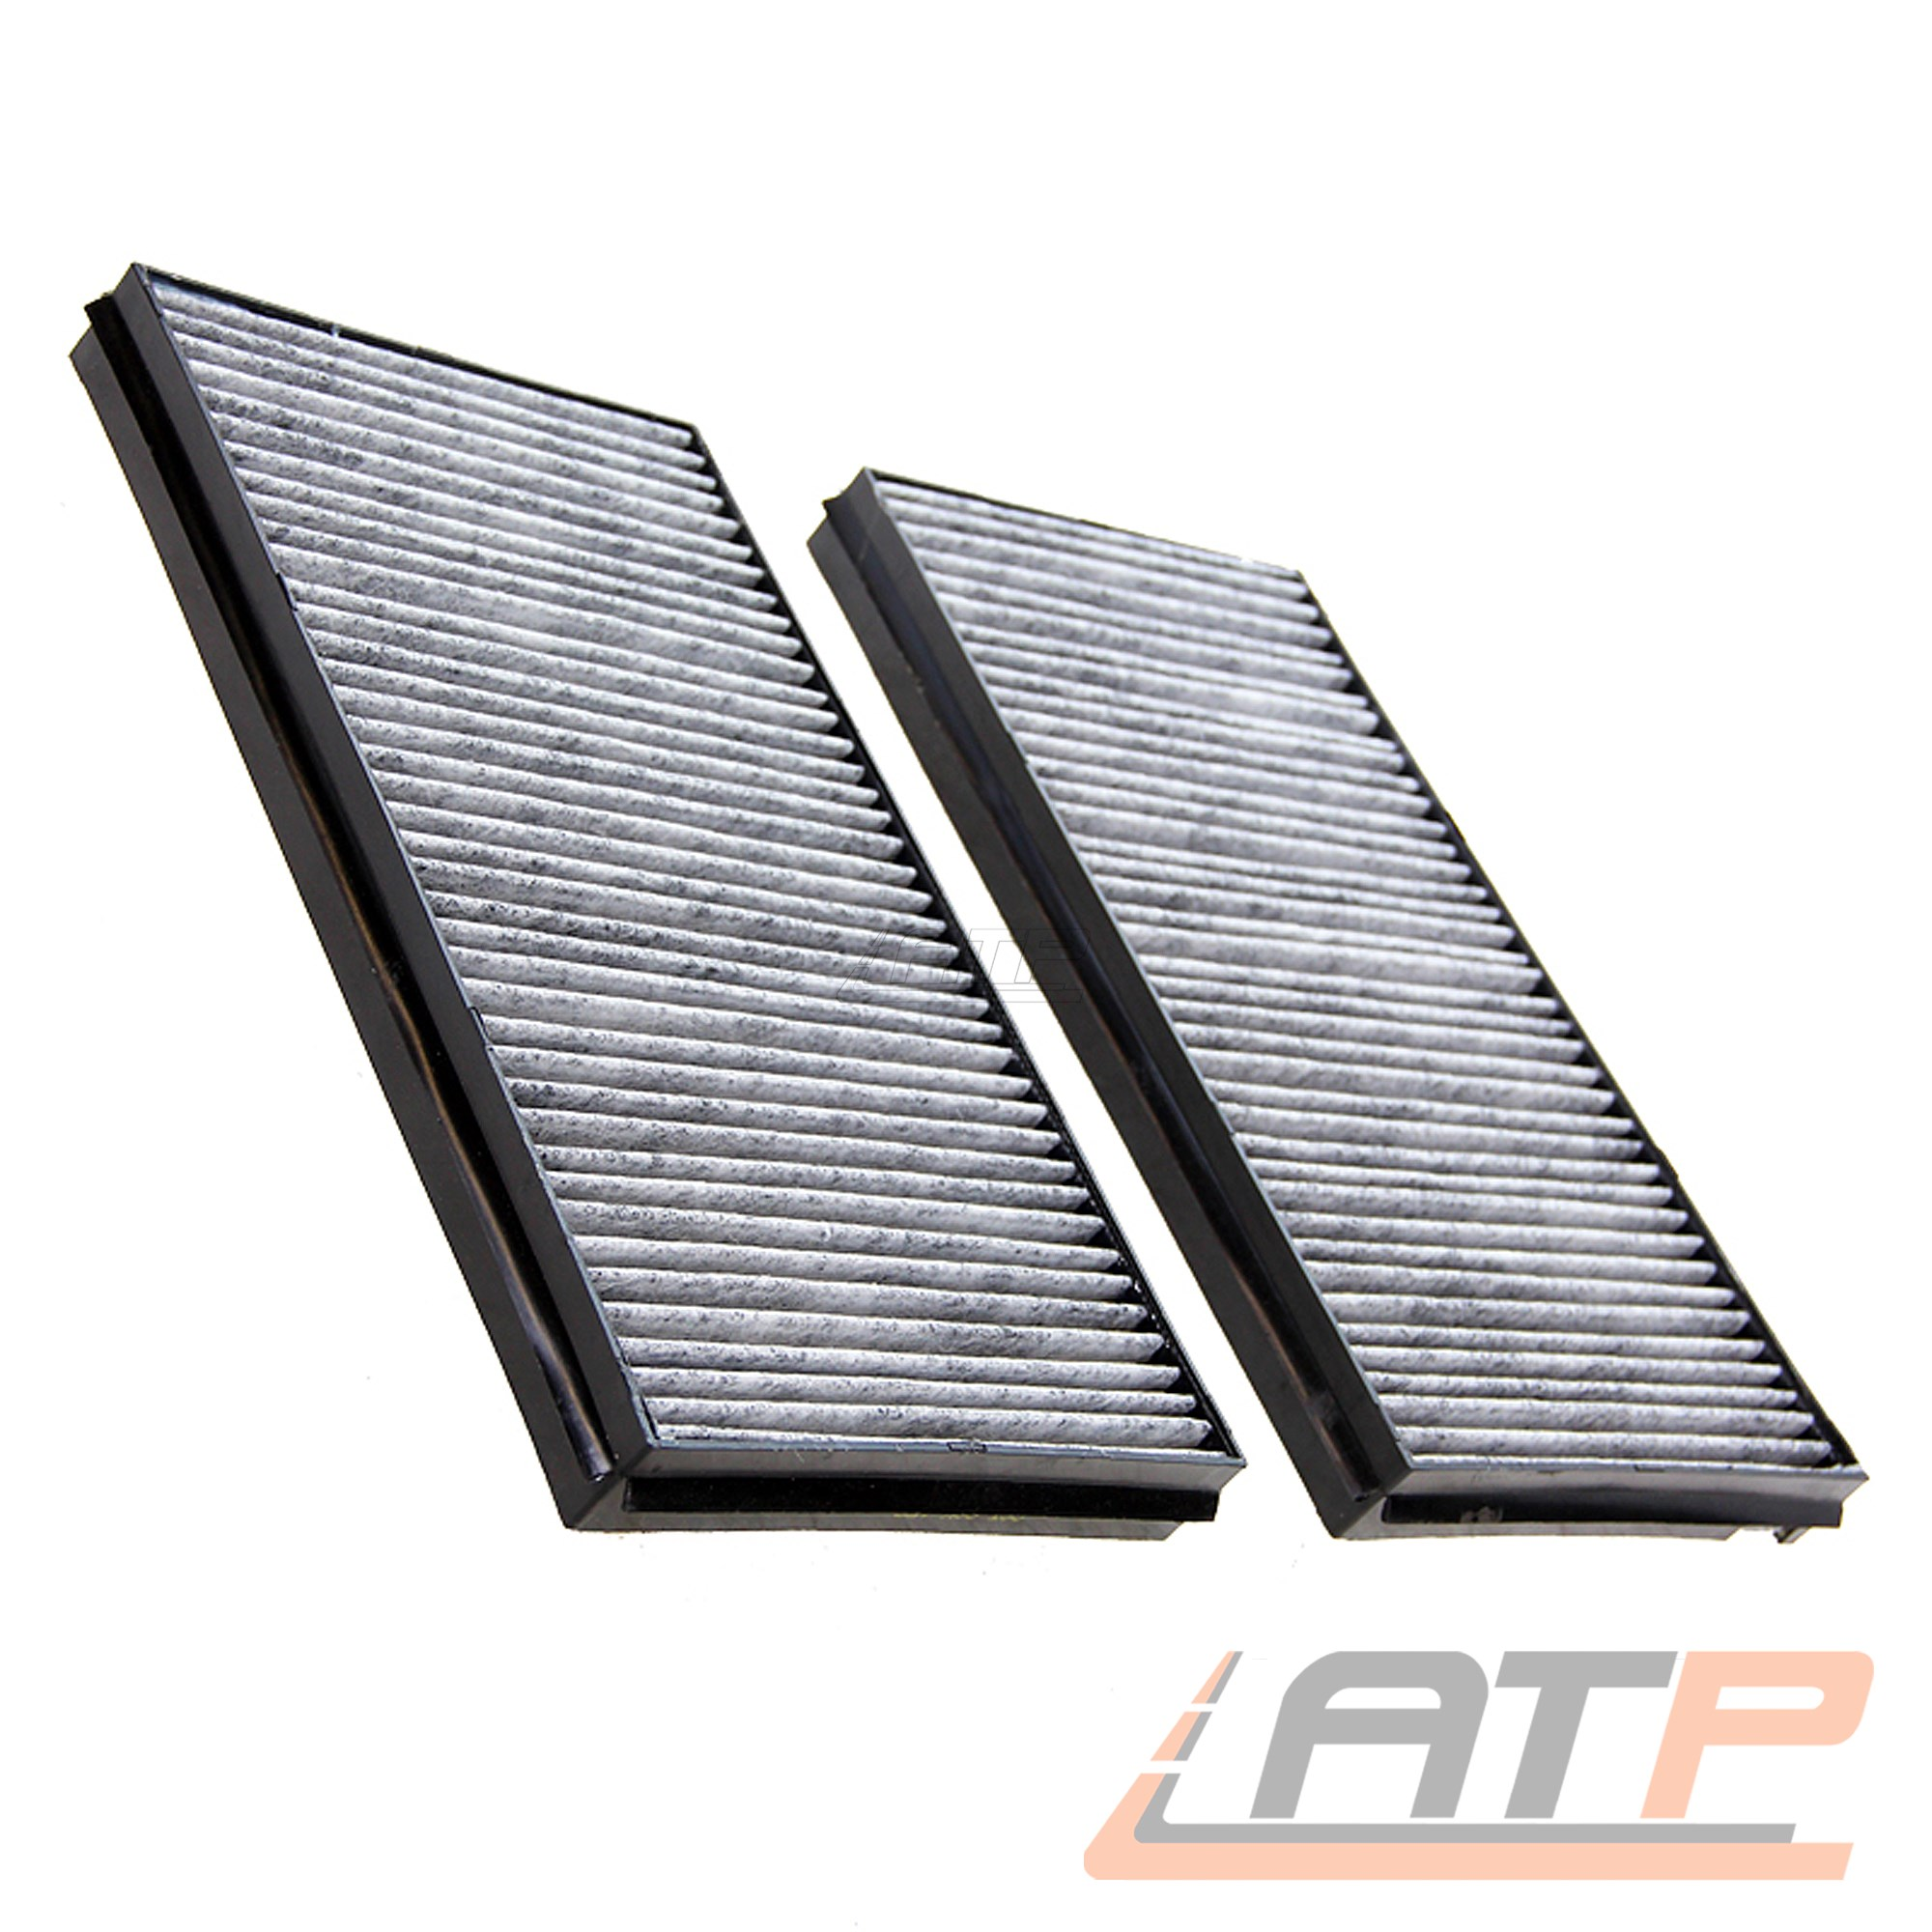 filtro de aire BMW 5-er e60 e61 520-530 1x espacio interior filtro filtro de polen carbón activado